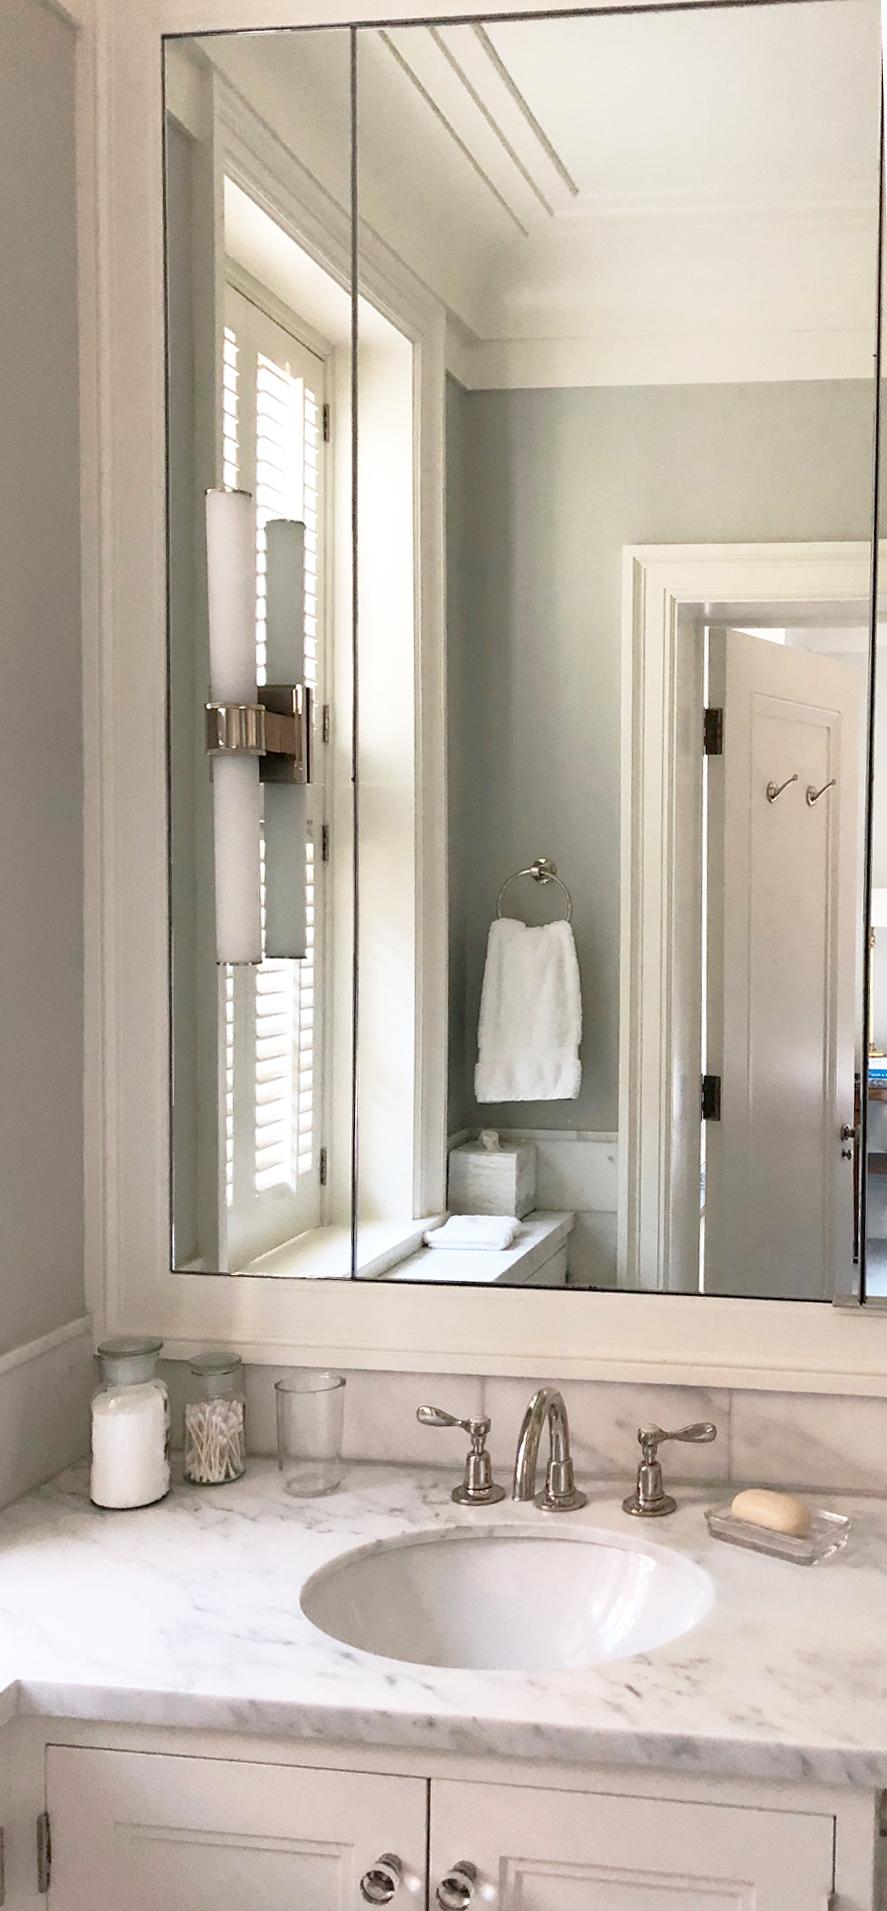 2 Bath 2.jpg